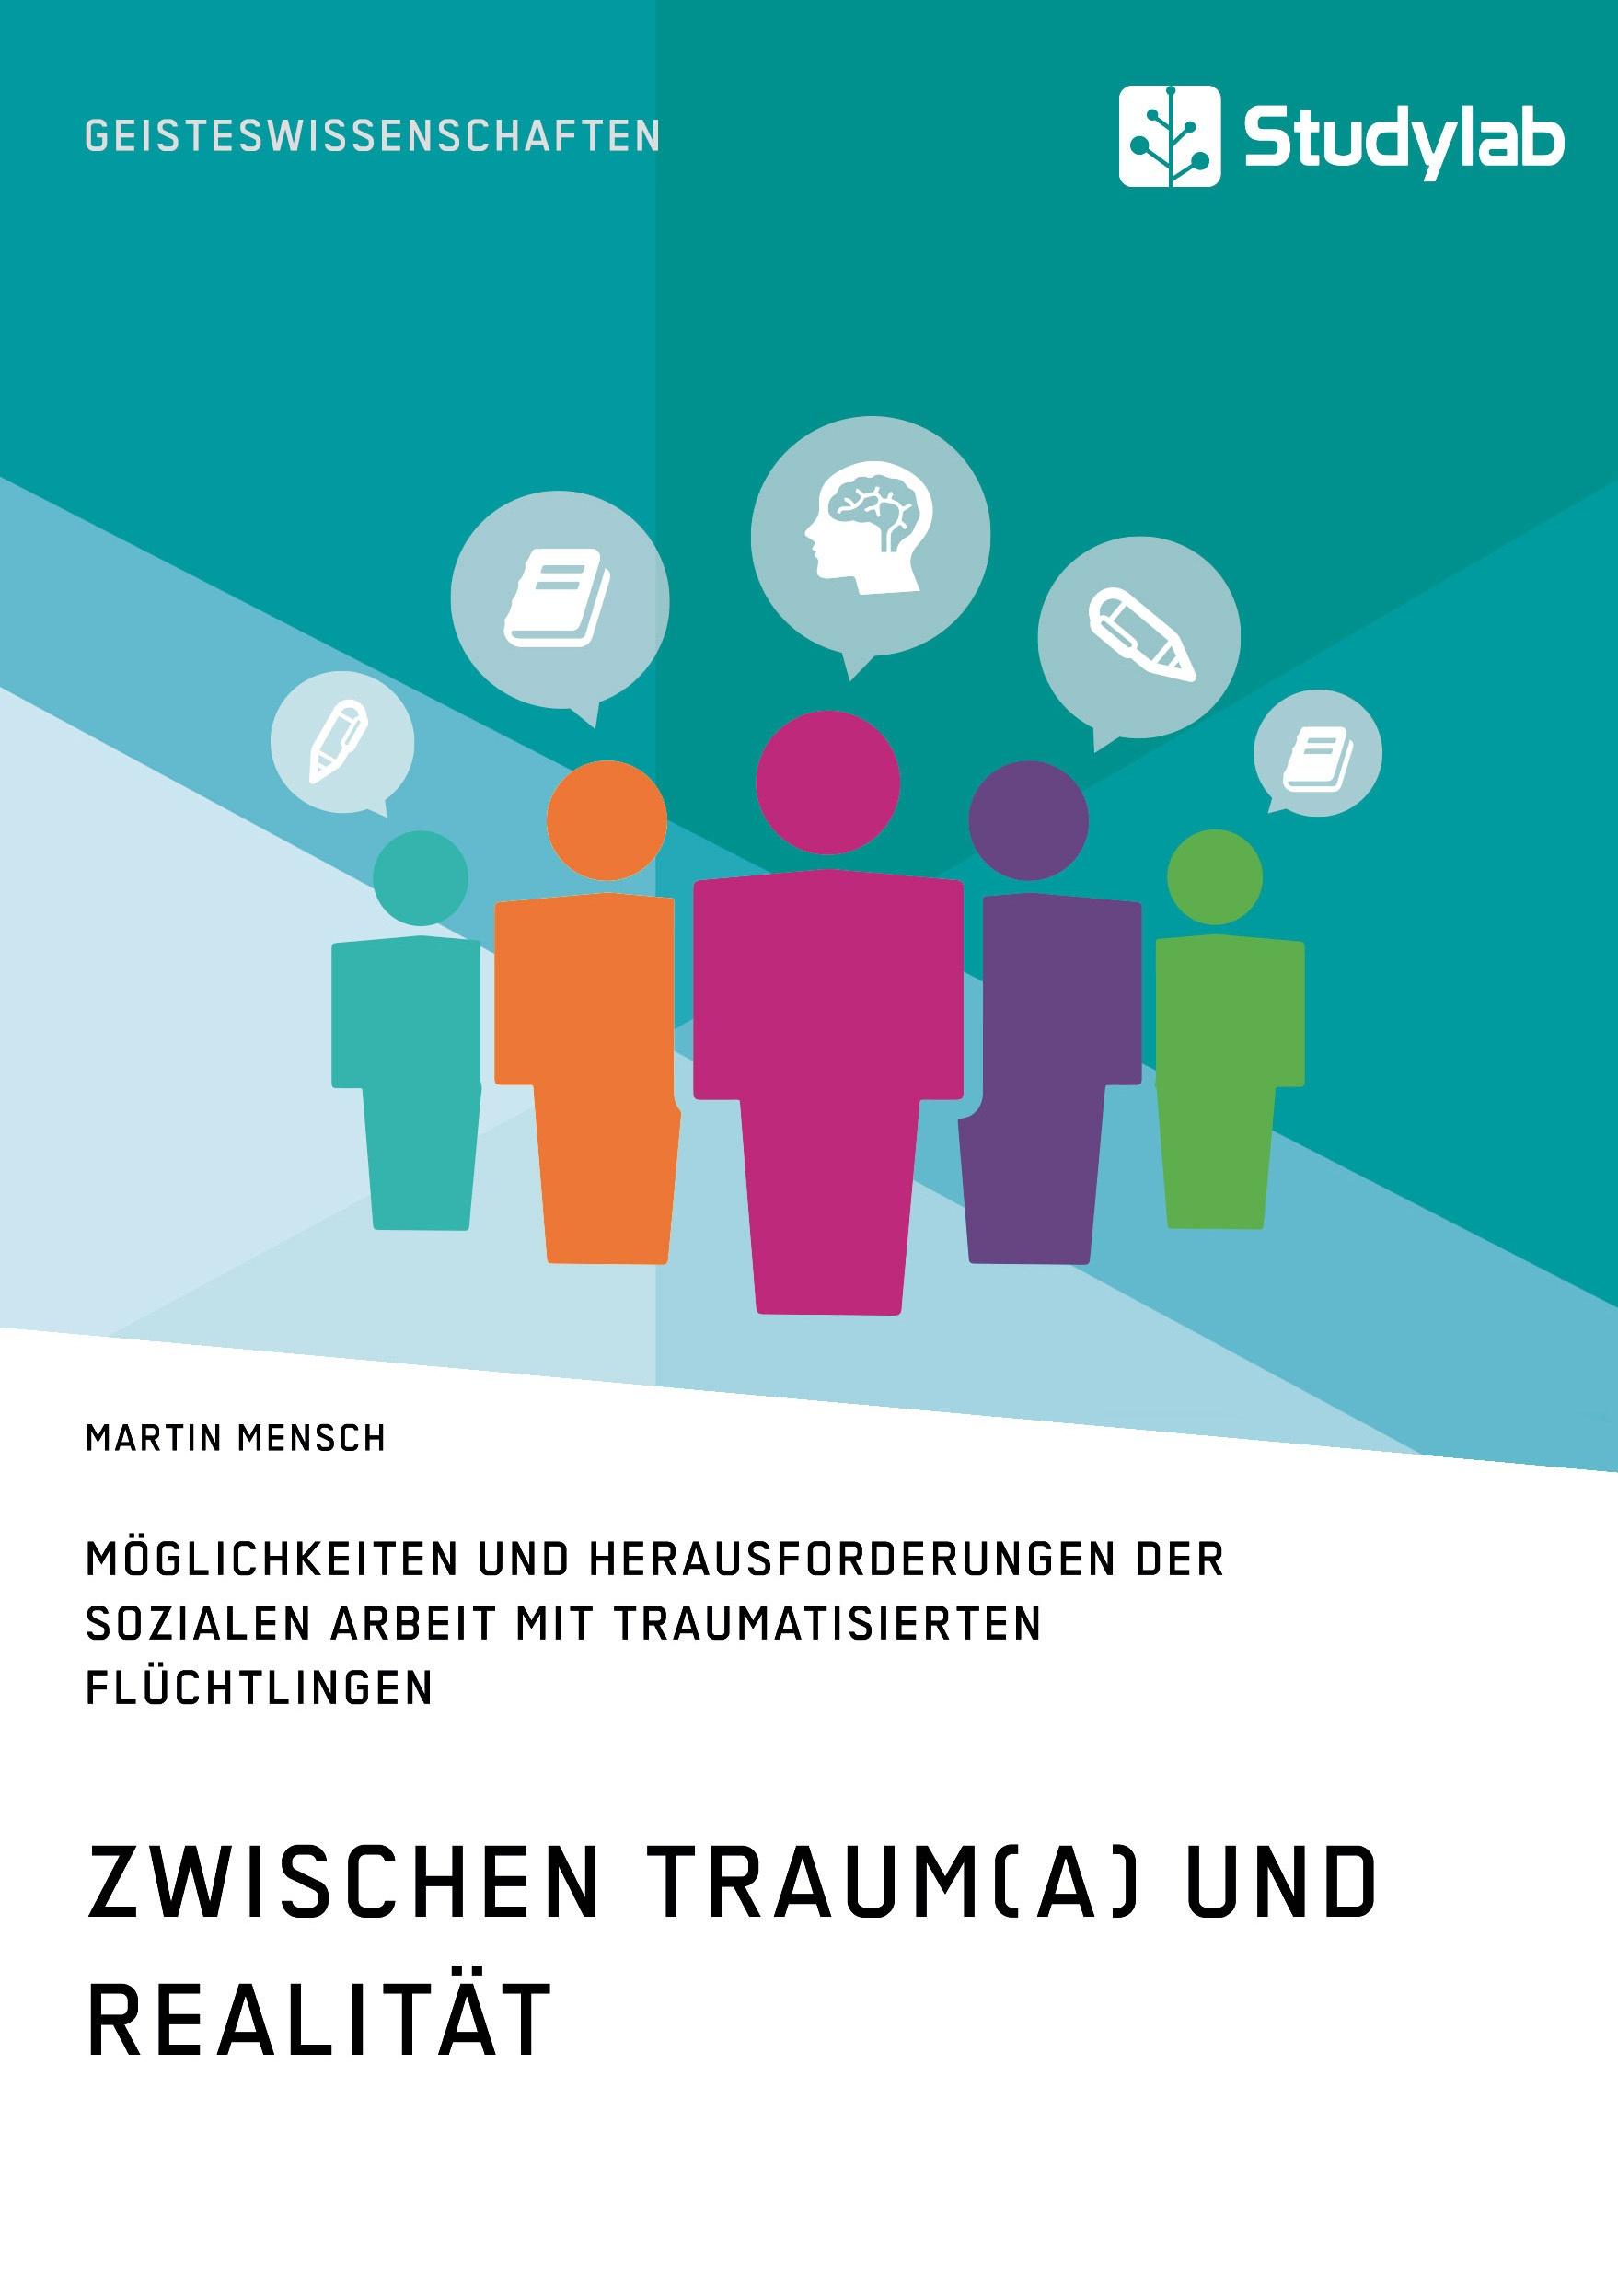 Titel: Zwischen Traum(a) und Realität. Möglichkeiten und Herausforderungen der Sozialen Arbeit mit traumatisierten Flüchtlingen